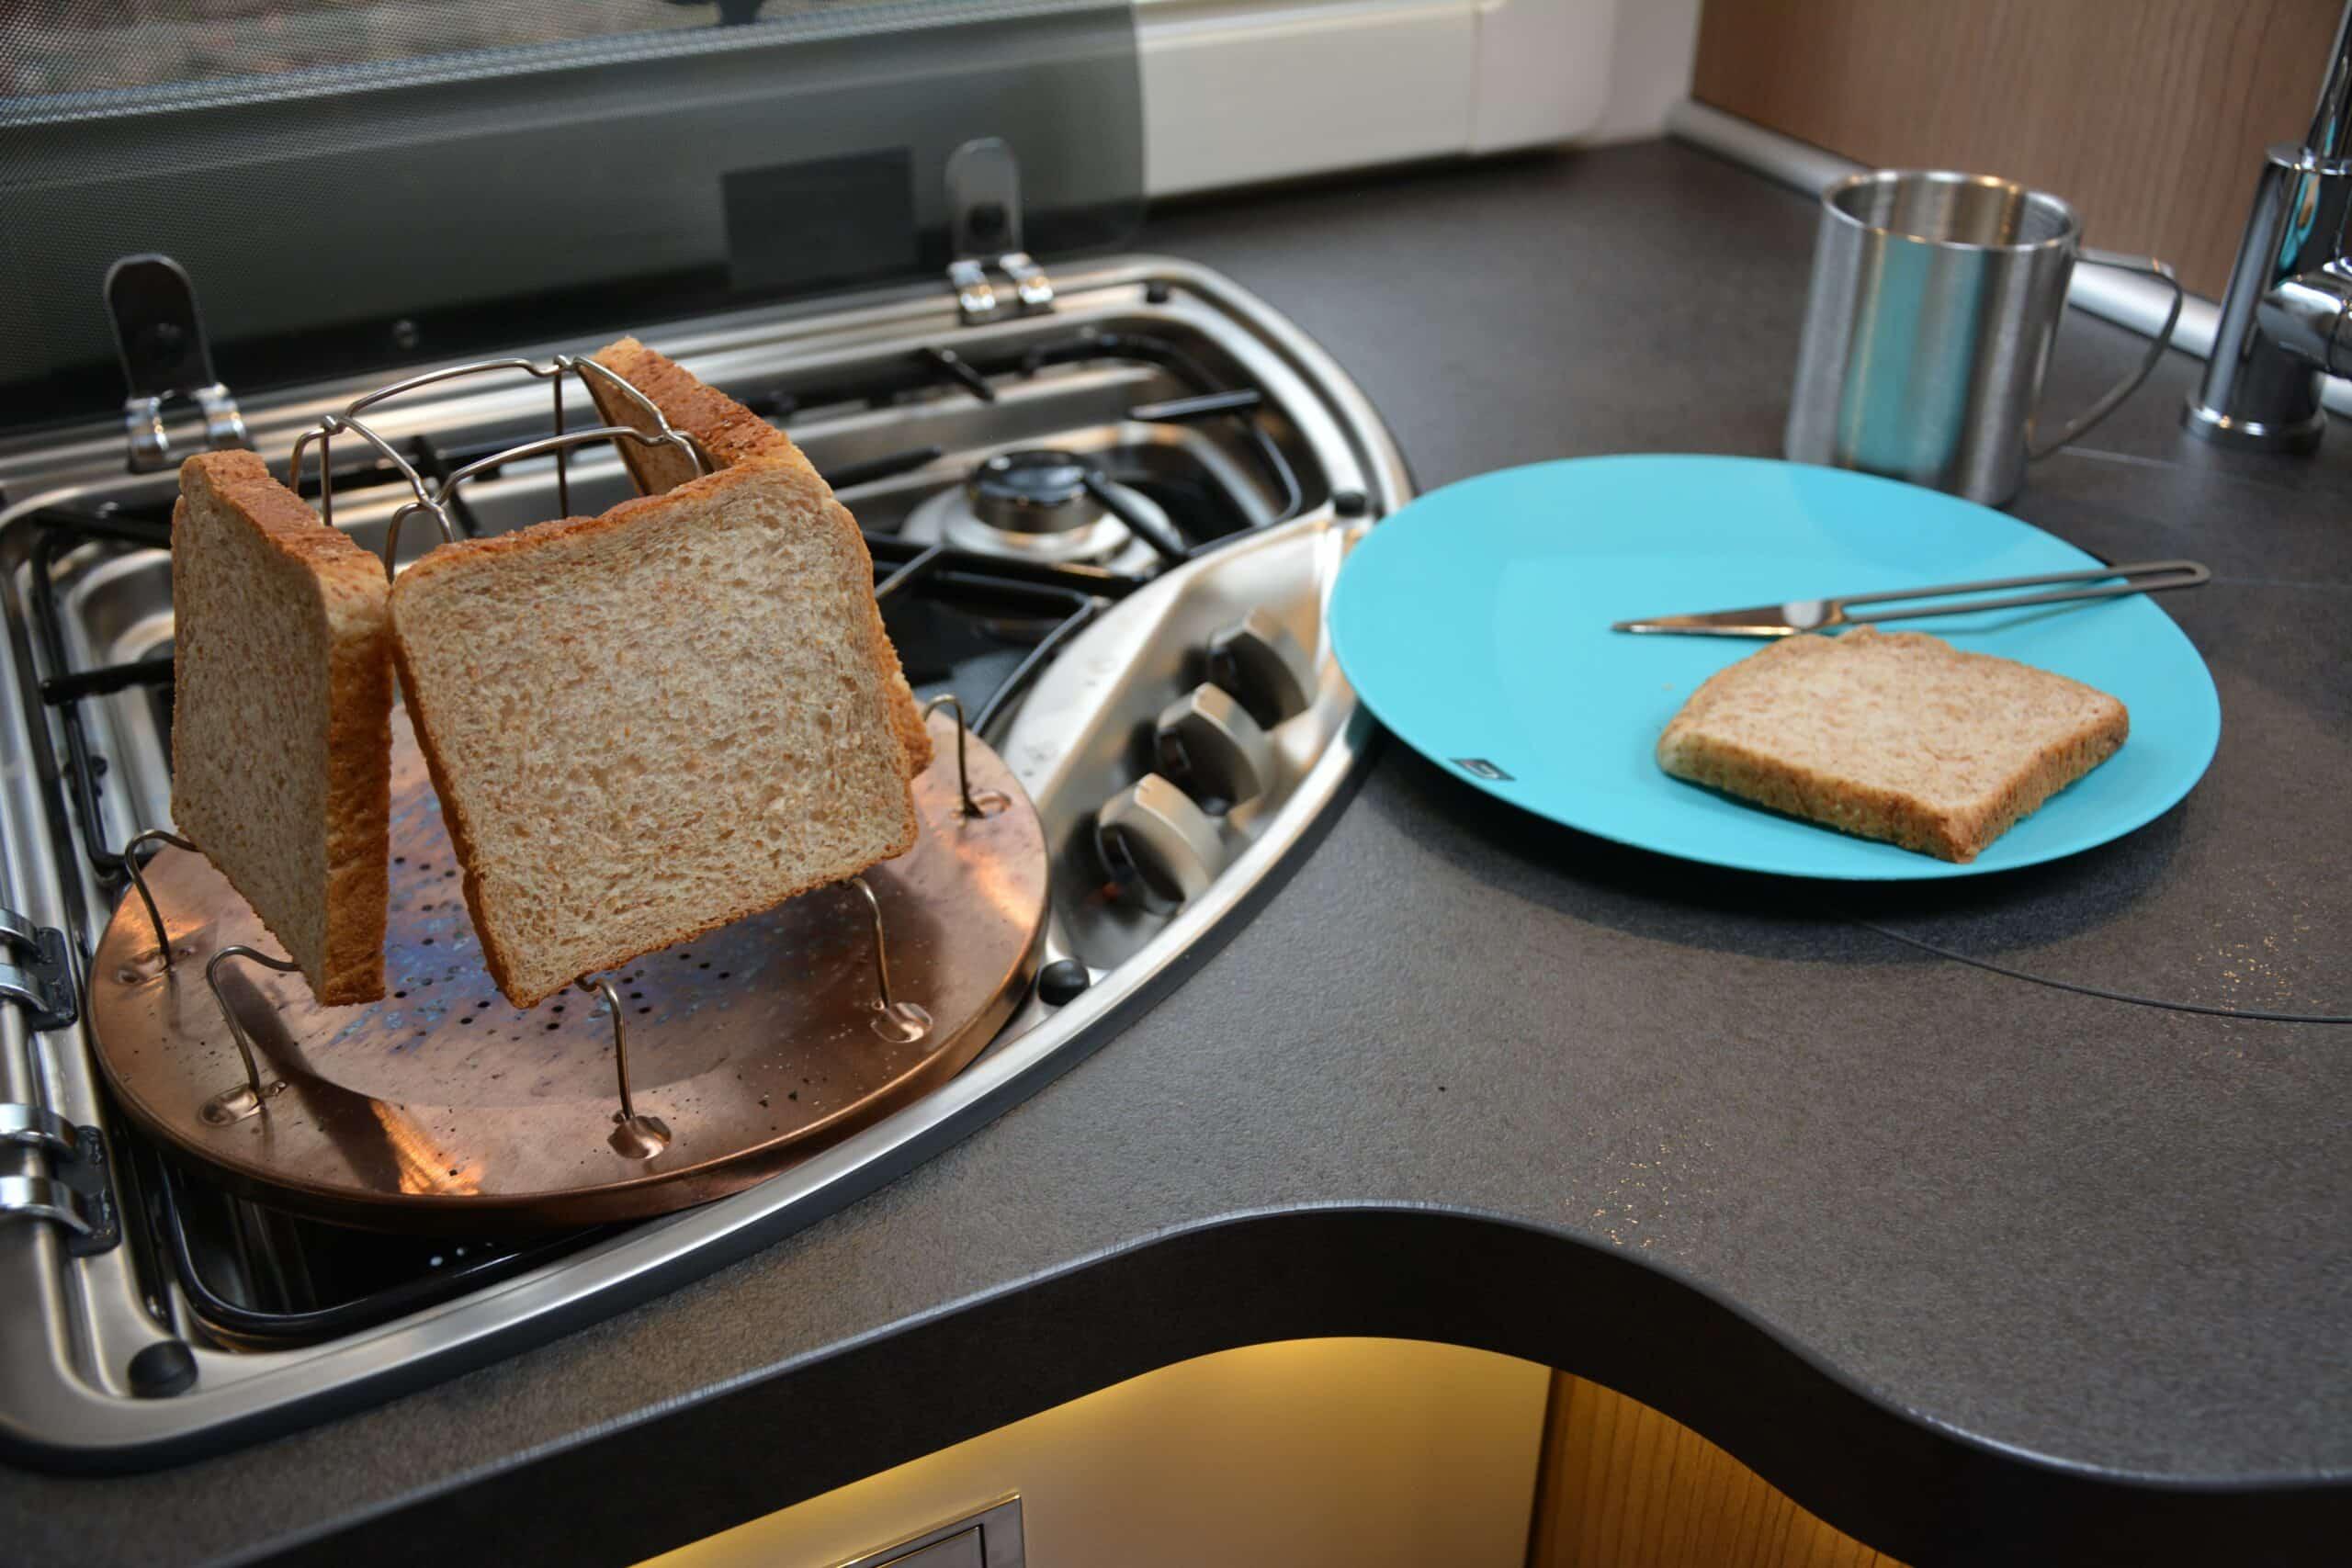 camping toaster vier auf einen streich reisemobil internationalreisemobil international. Black Bedroom Furniture Sets. Home Design Ideas